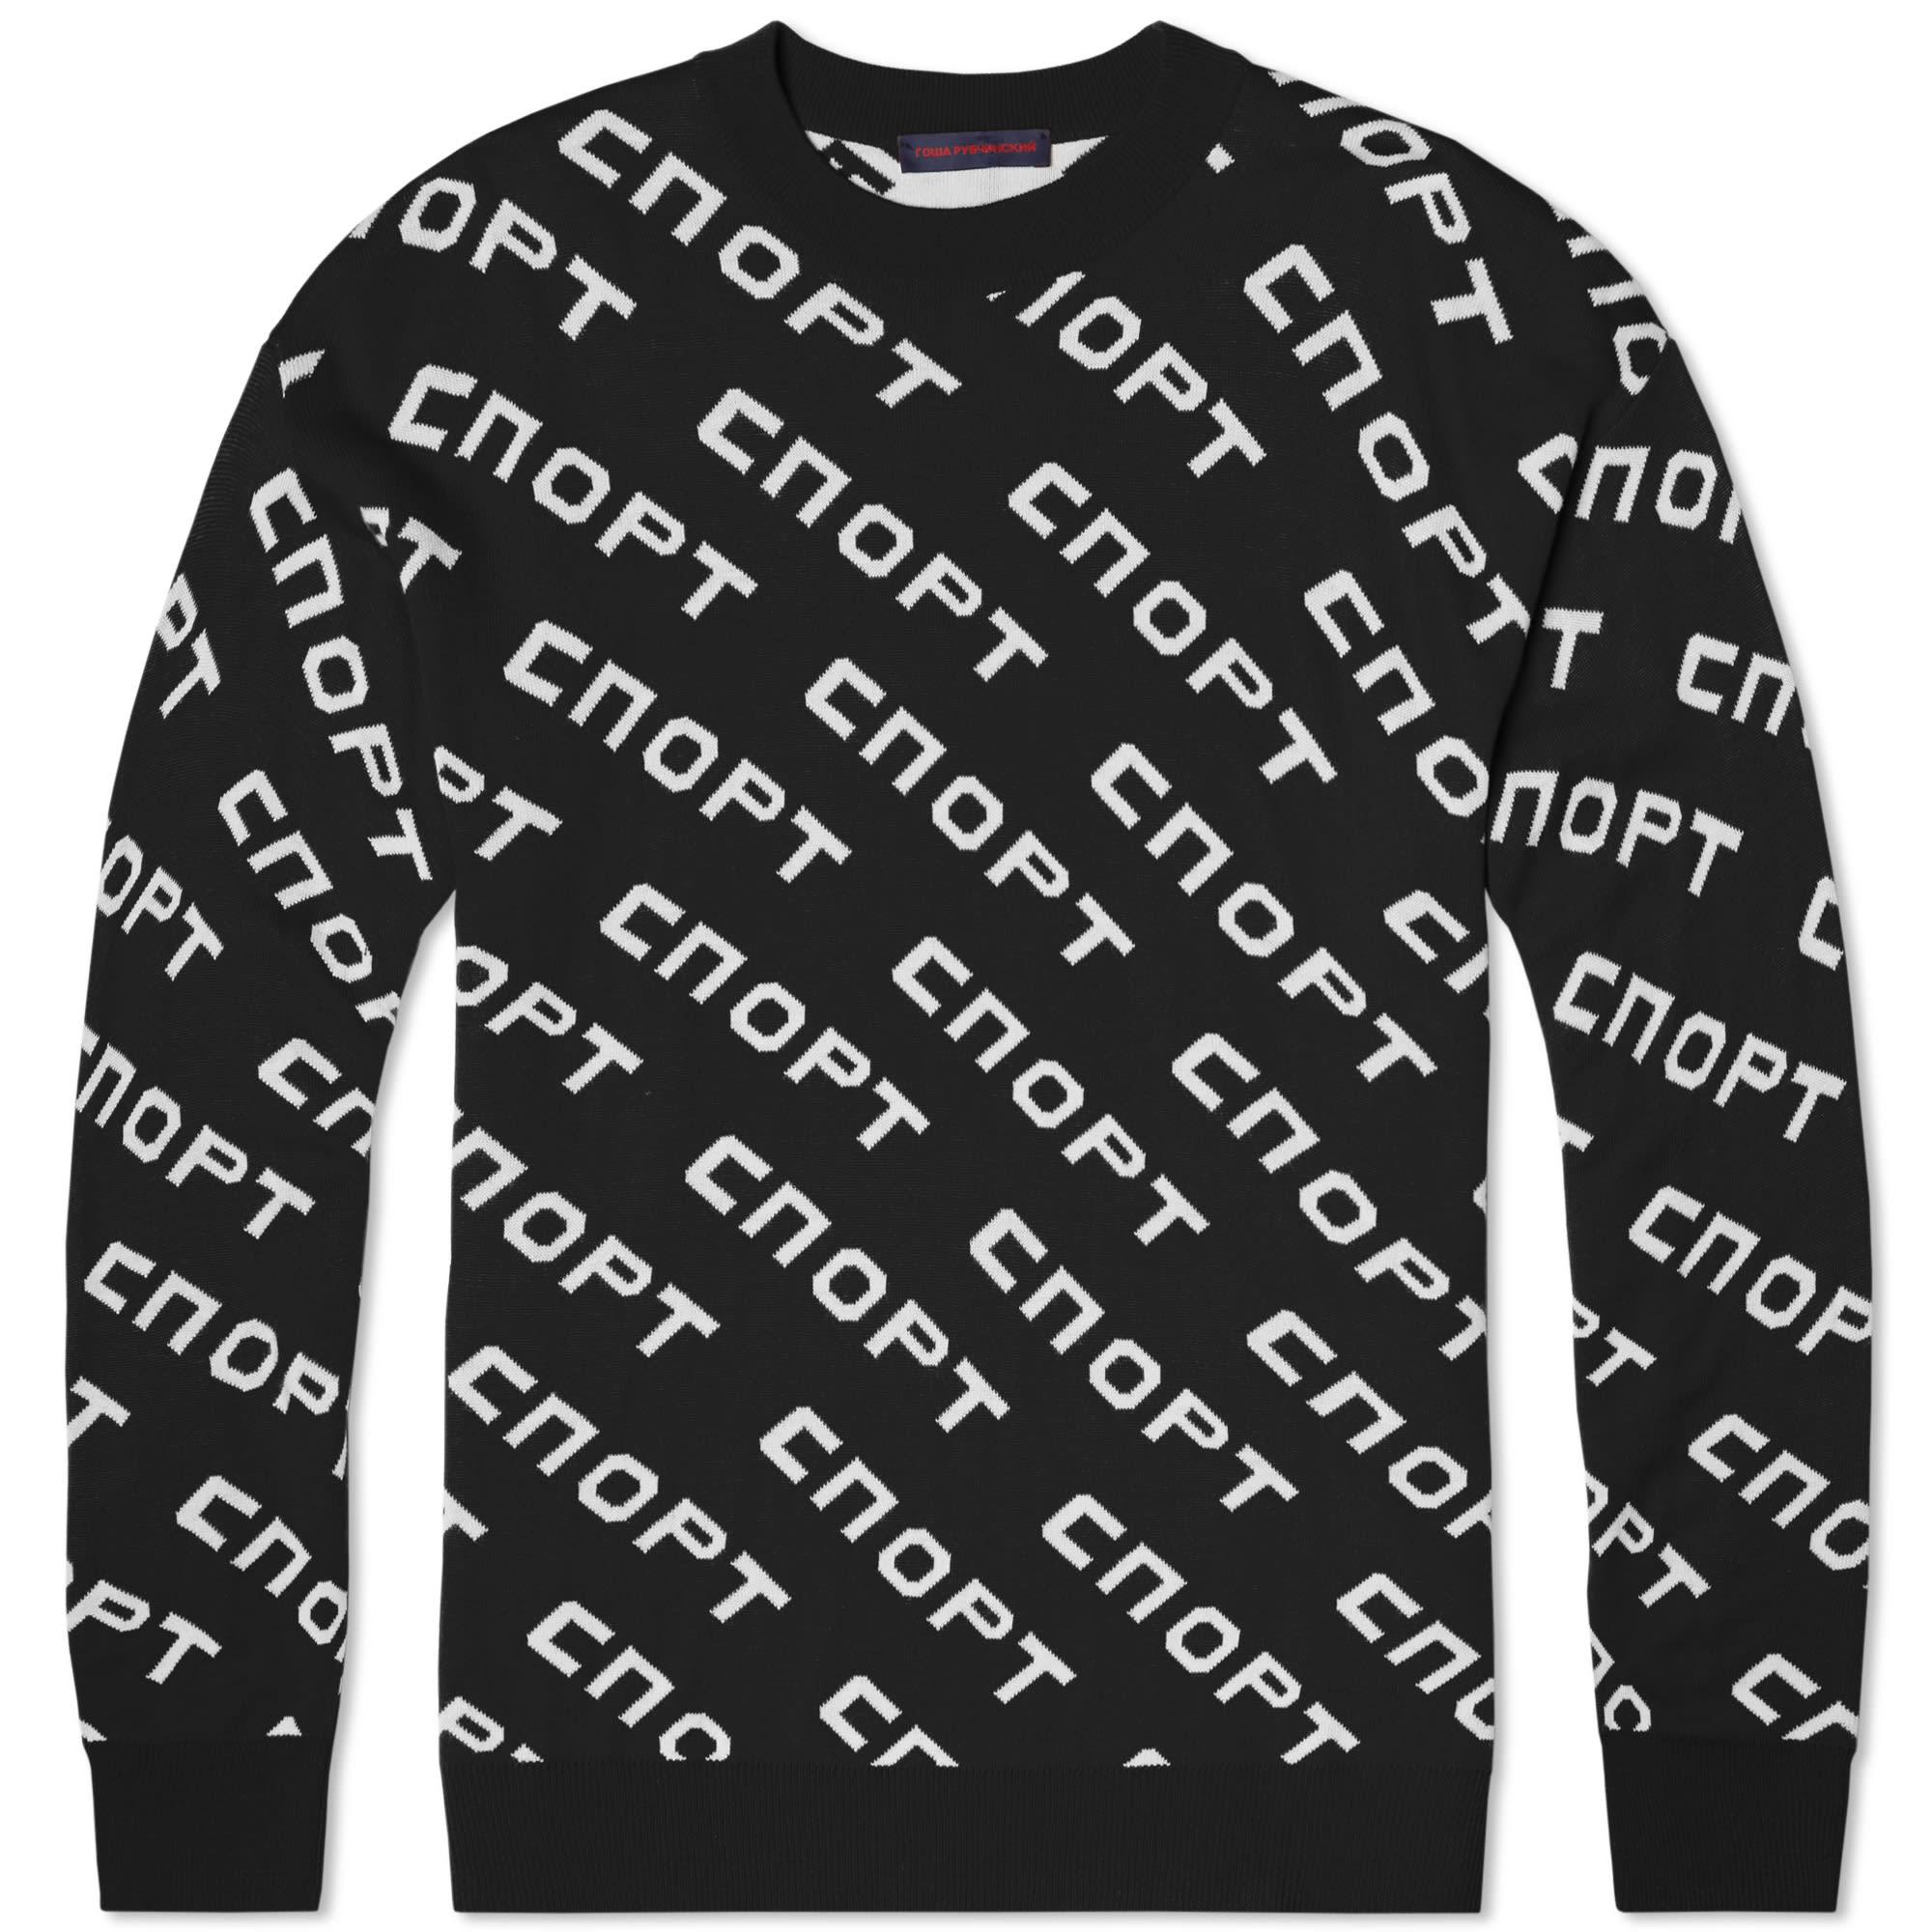 bdd52ab1 Gosha Rubchinskiy Russian Sport Knit Sweater Black | END.